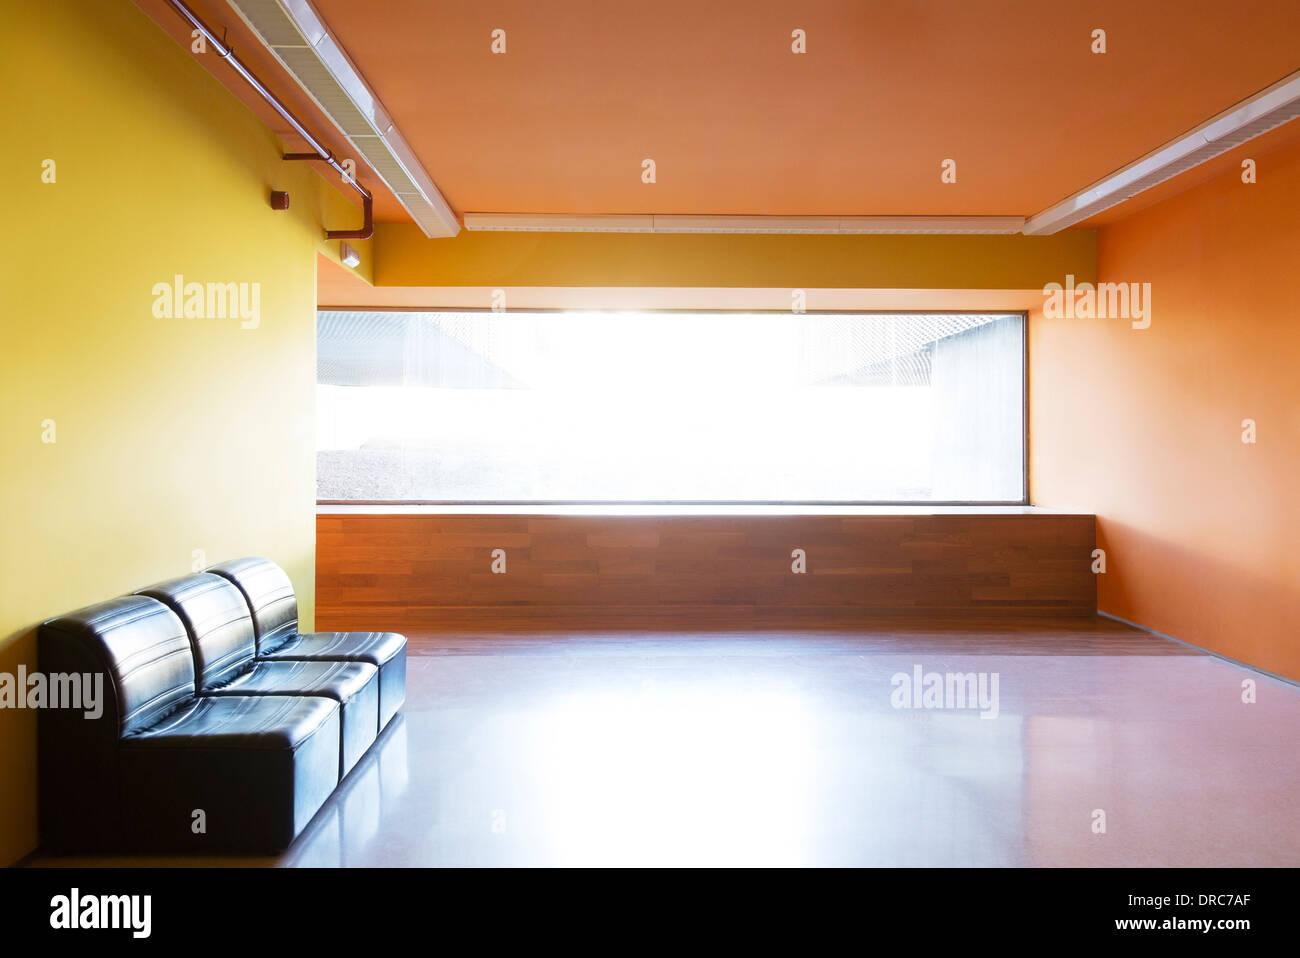 Chaises et fenêtre dans le hall vide Photo Stock